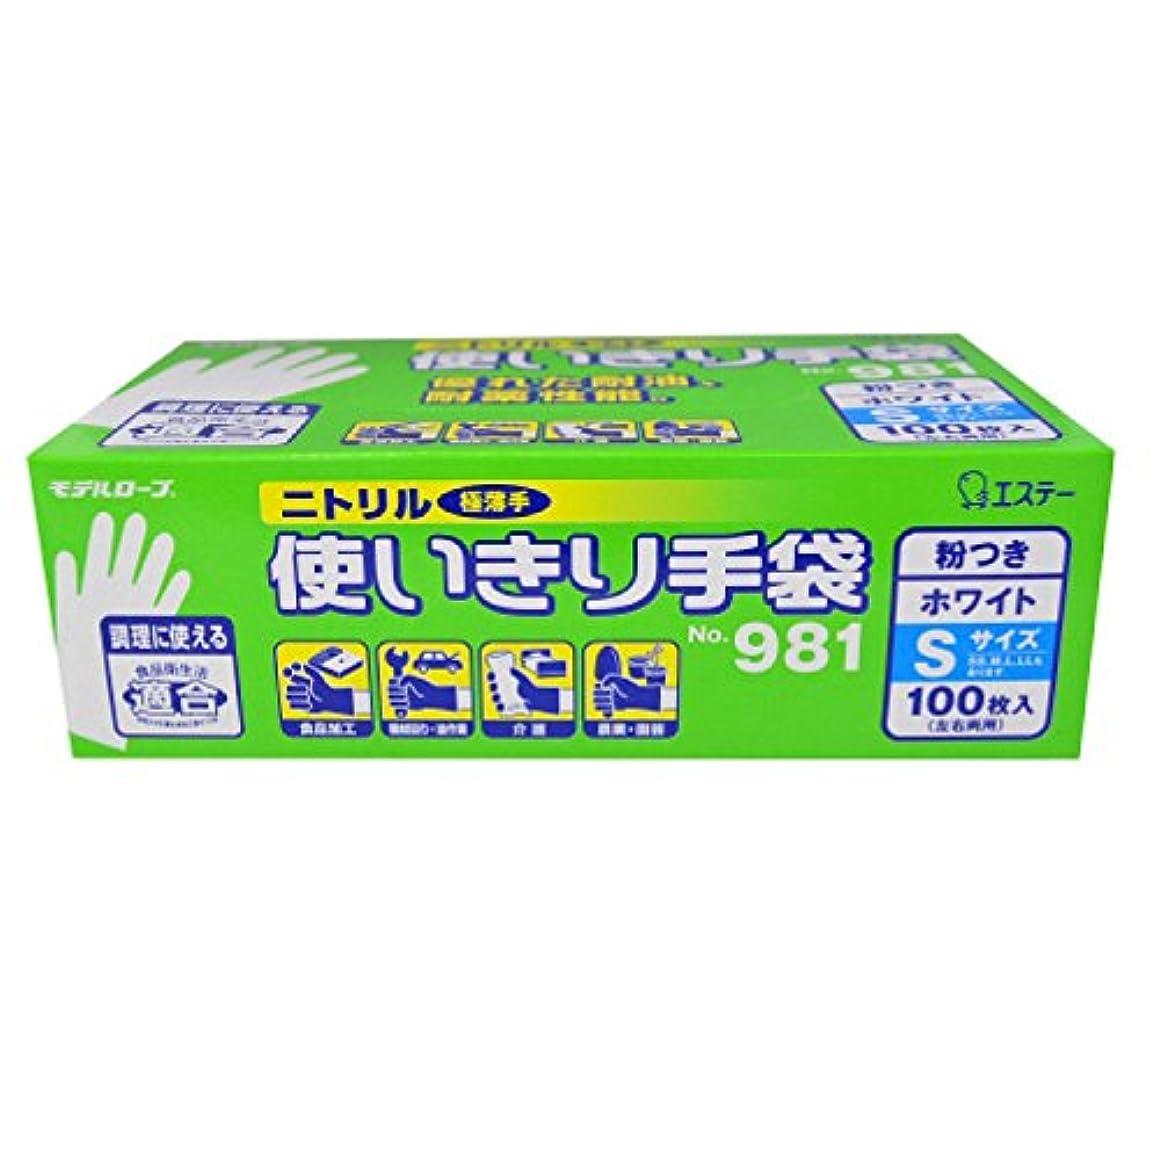 フライト深さを除くエステー/ニトリル使いきり手袋 箱入 (粉つき) [100枚入]/品番:981 サイズ:LL カラー:ブルー